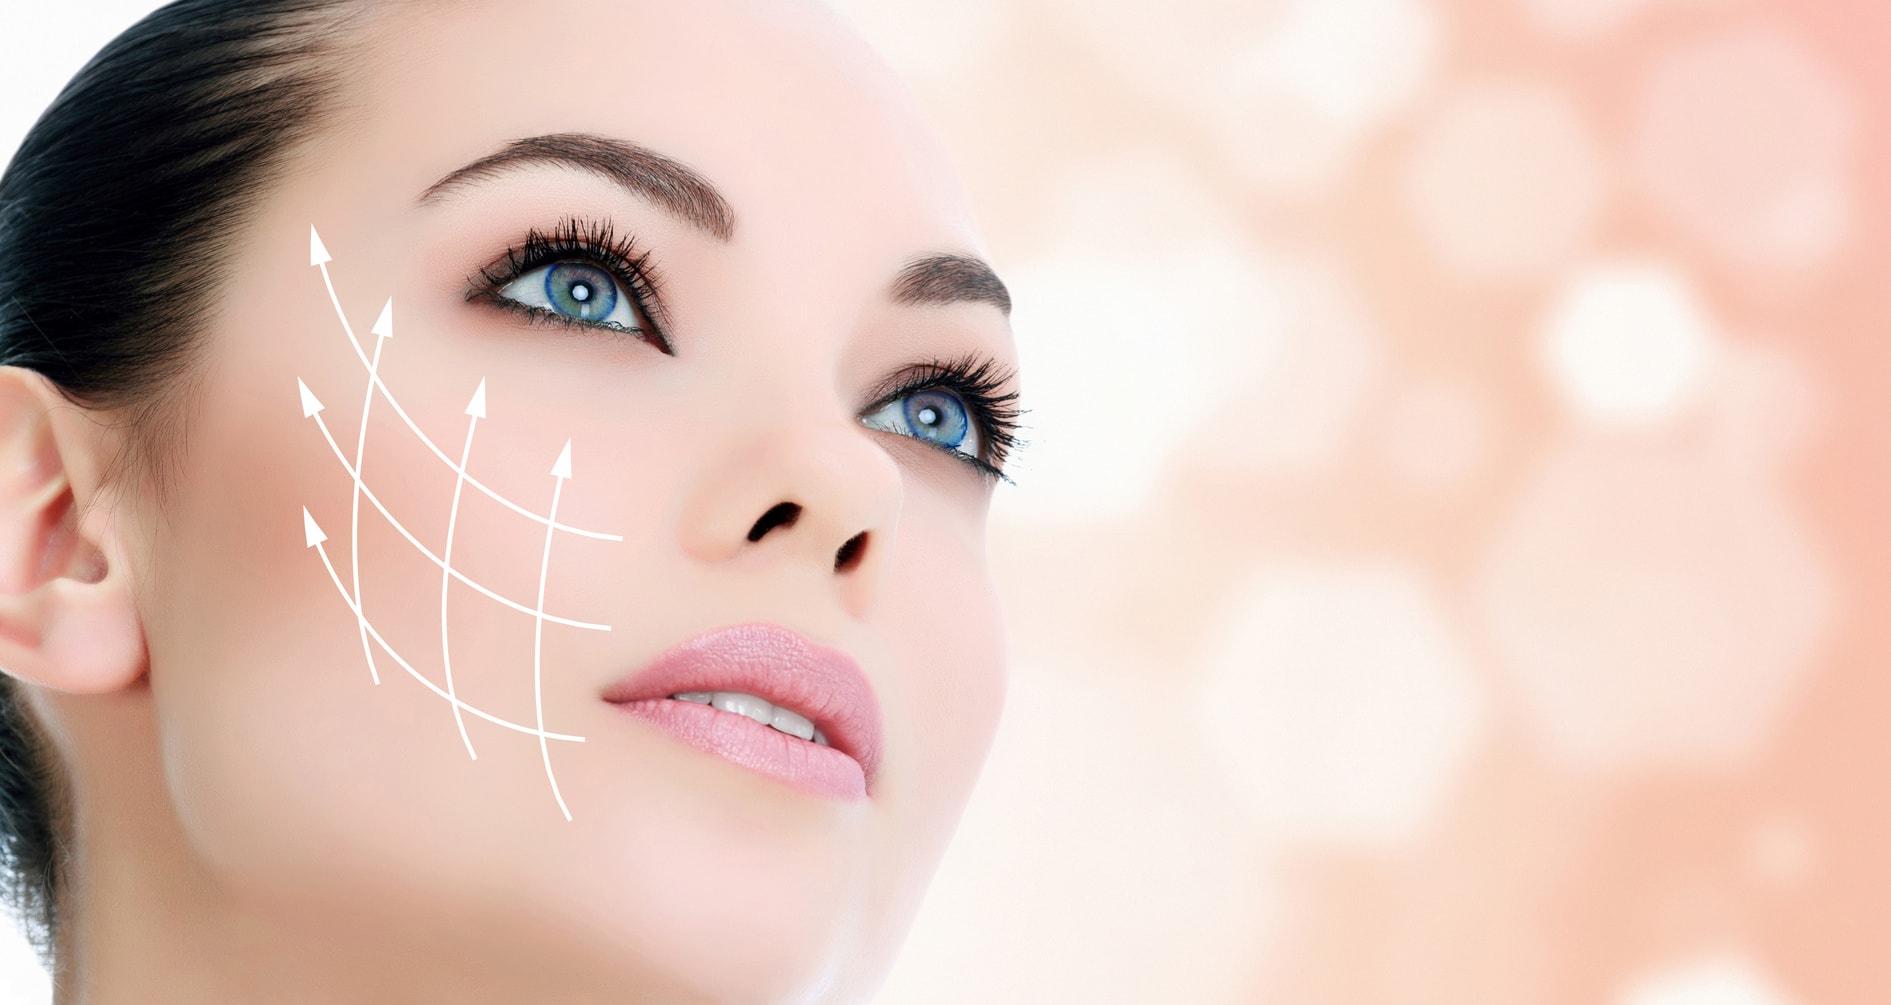 لیفتینگ صورت دکتر خرازی روشی برای جوانسازی پوست